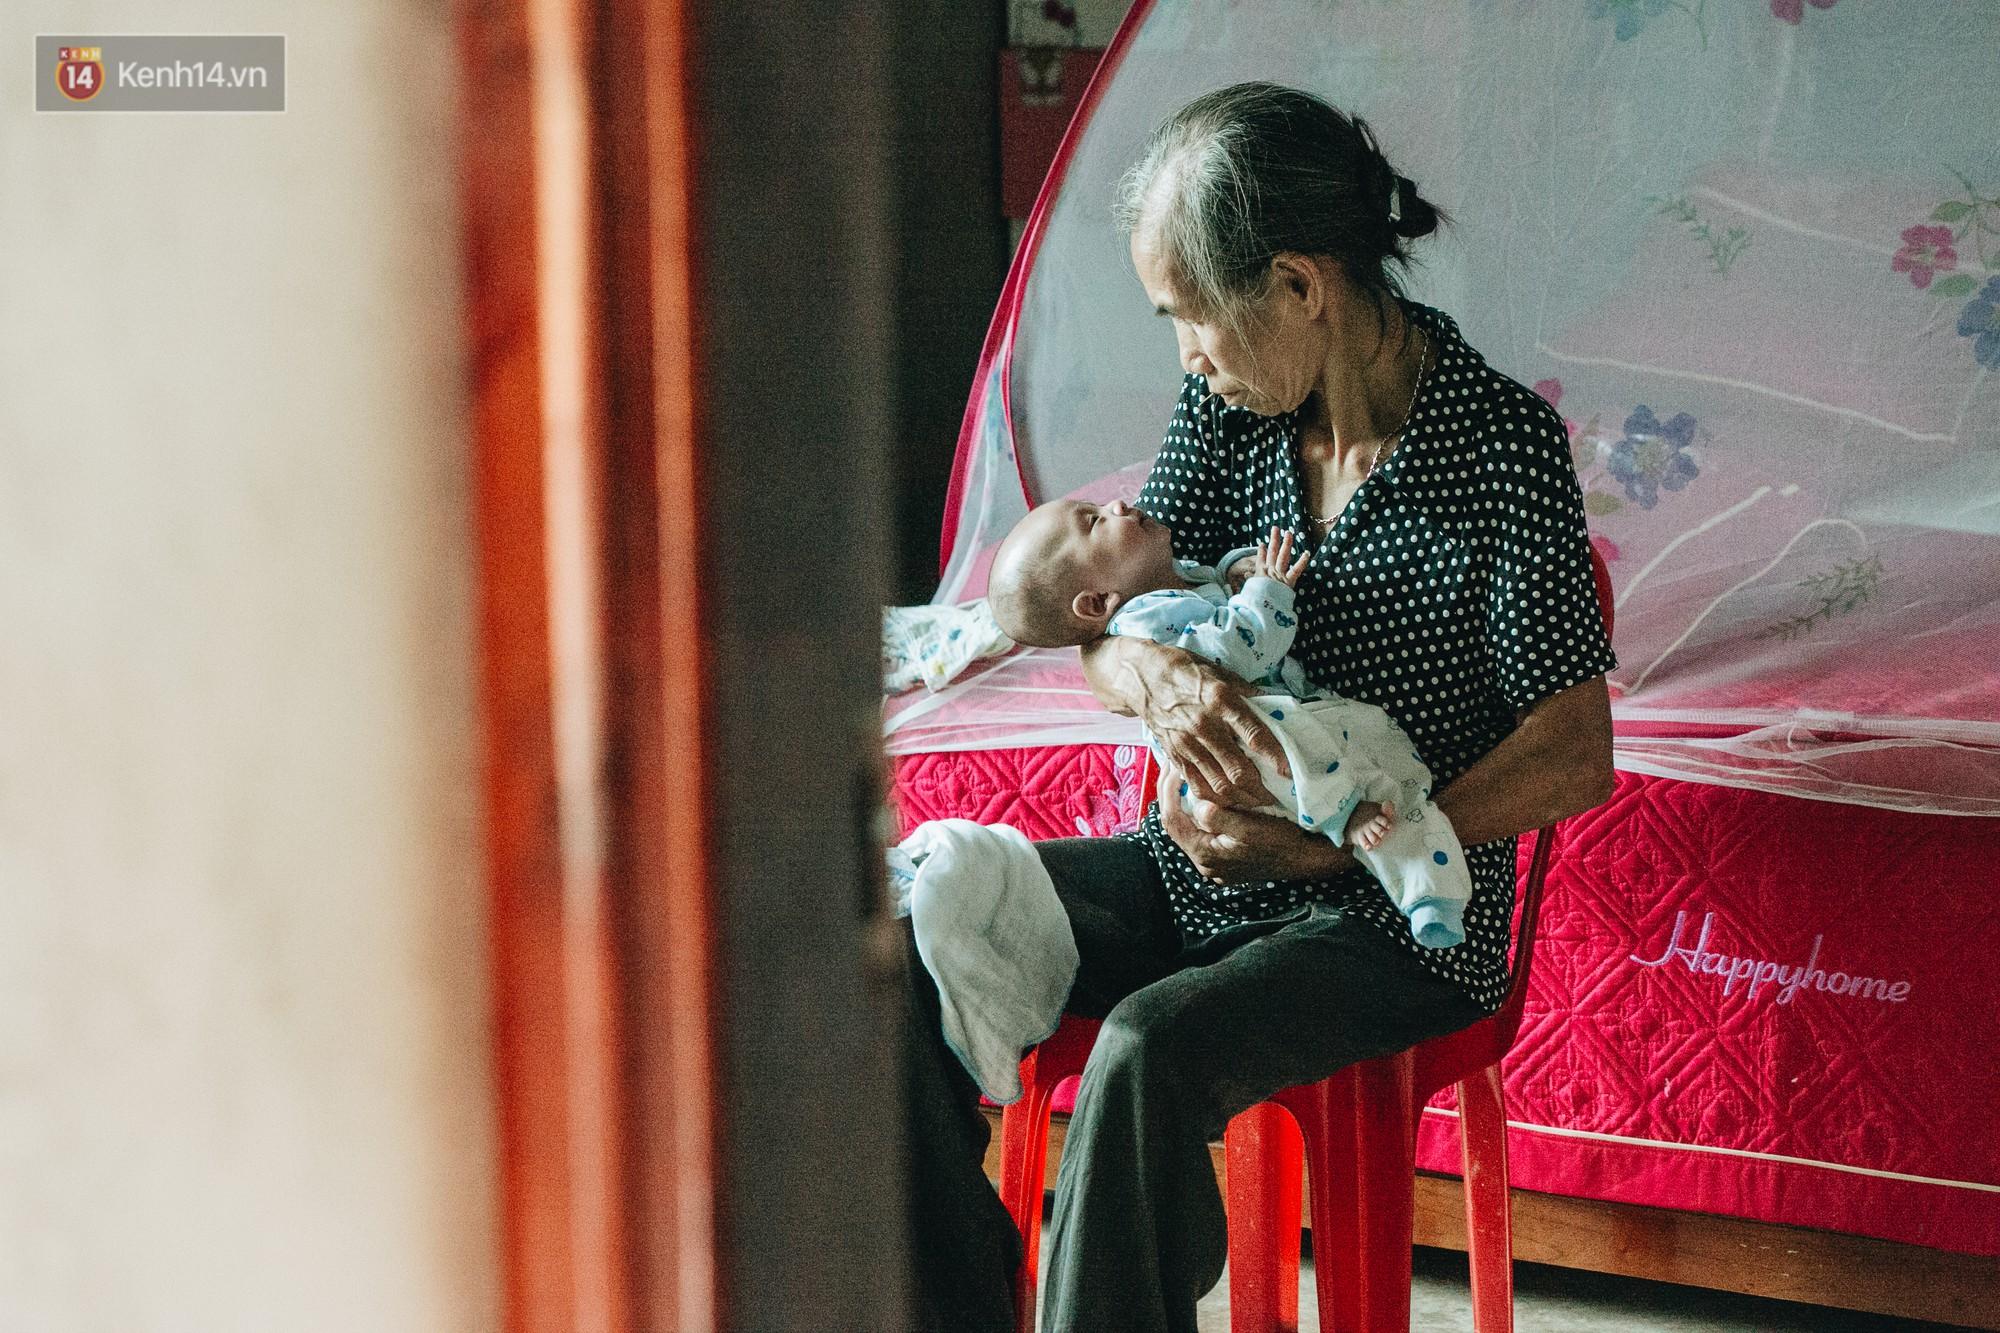 Cuộc sống của 2 đứa trẻ mất bố mẹ sau vụ cháy lớn ở Đê La Thành: 'Con chỉ biết pha sữa chứ không dám bế em, sợ em ngã' 17